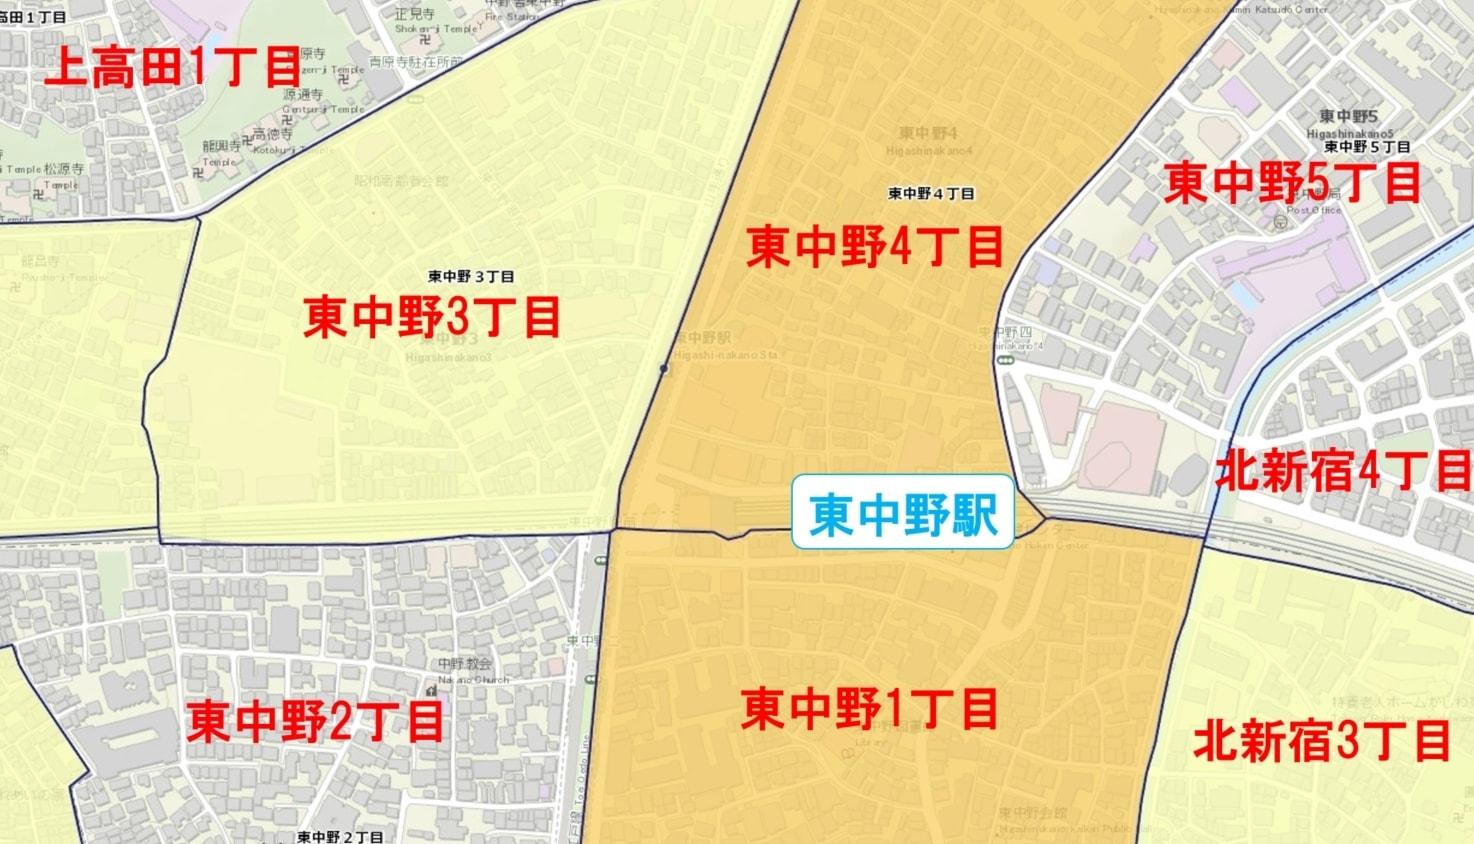 東中野駅周辺の粗暴犯の犯罪件数マップ